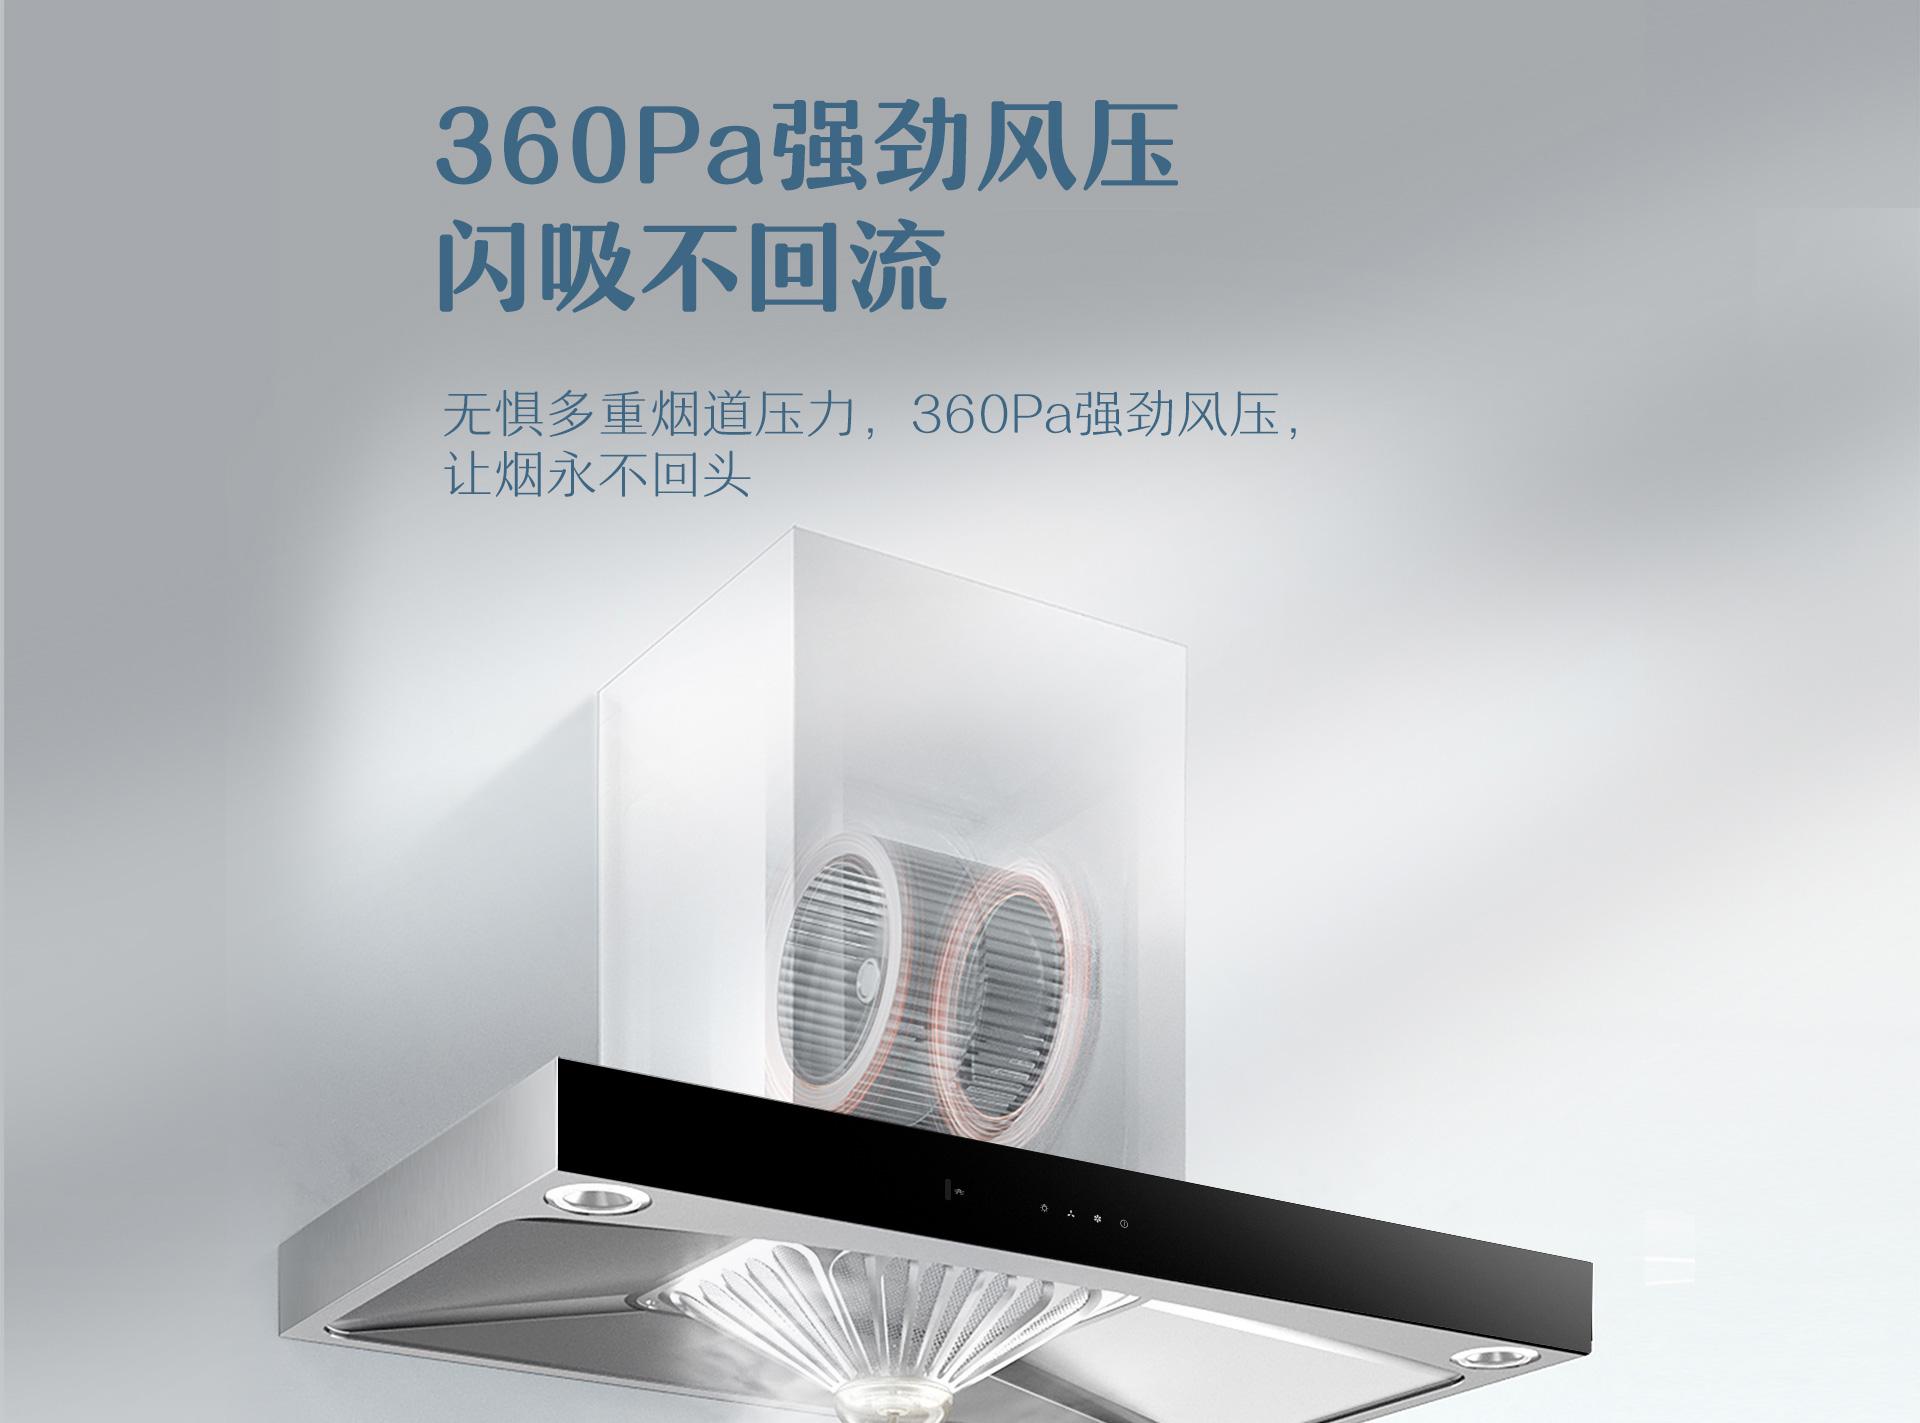 8115-PC端2_03.jpg